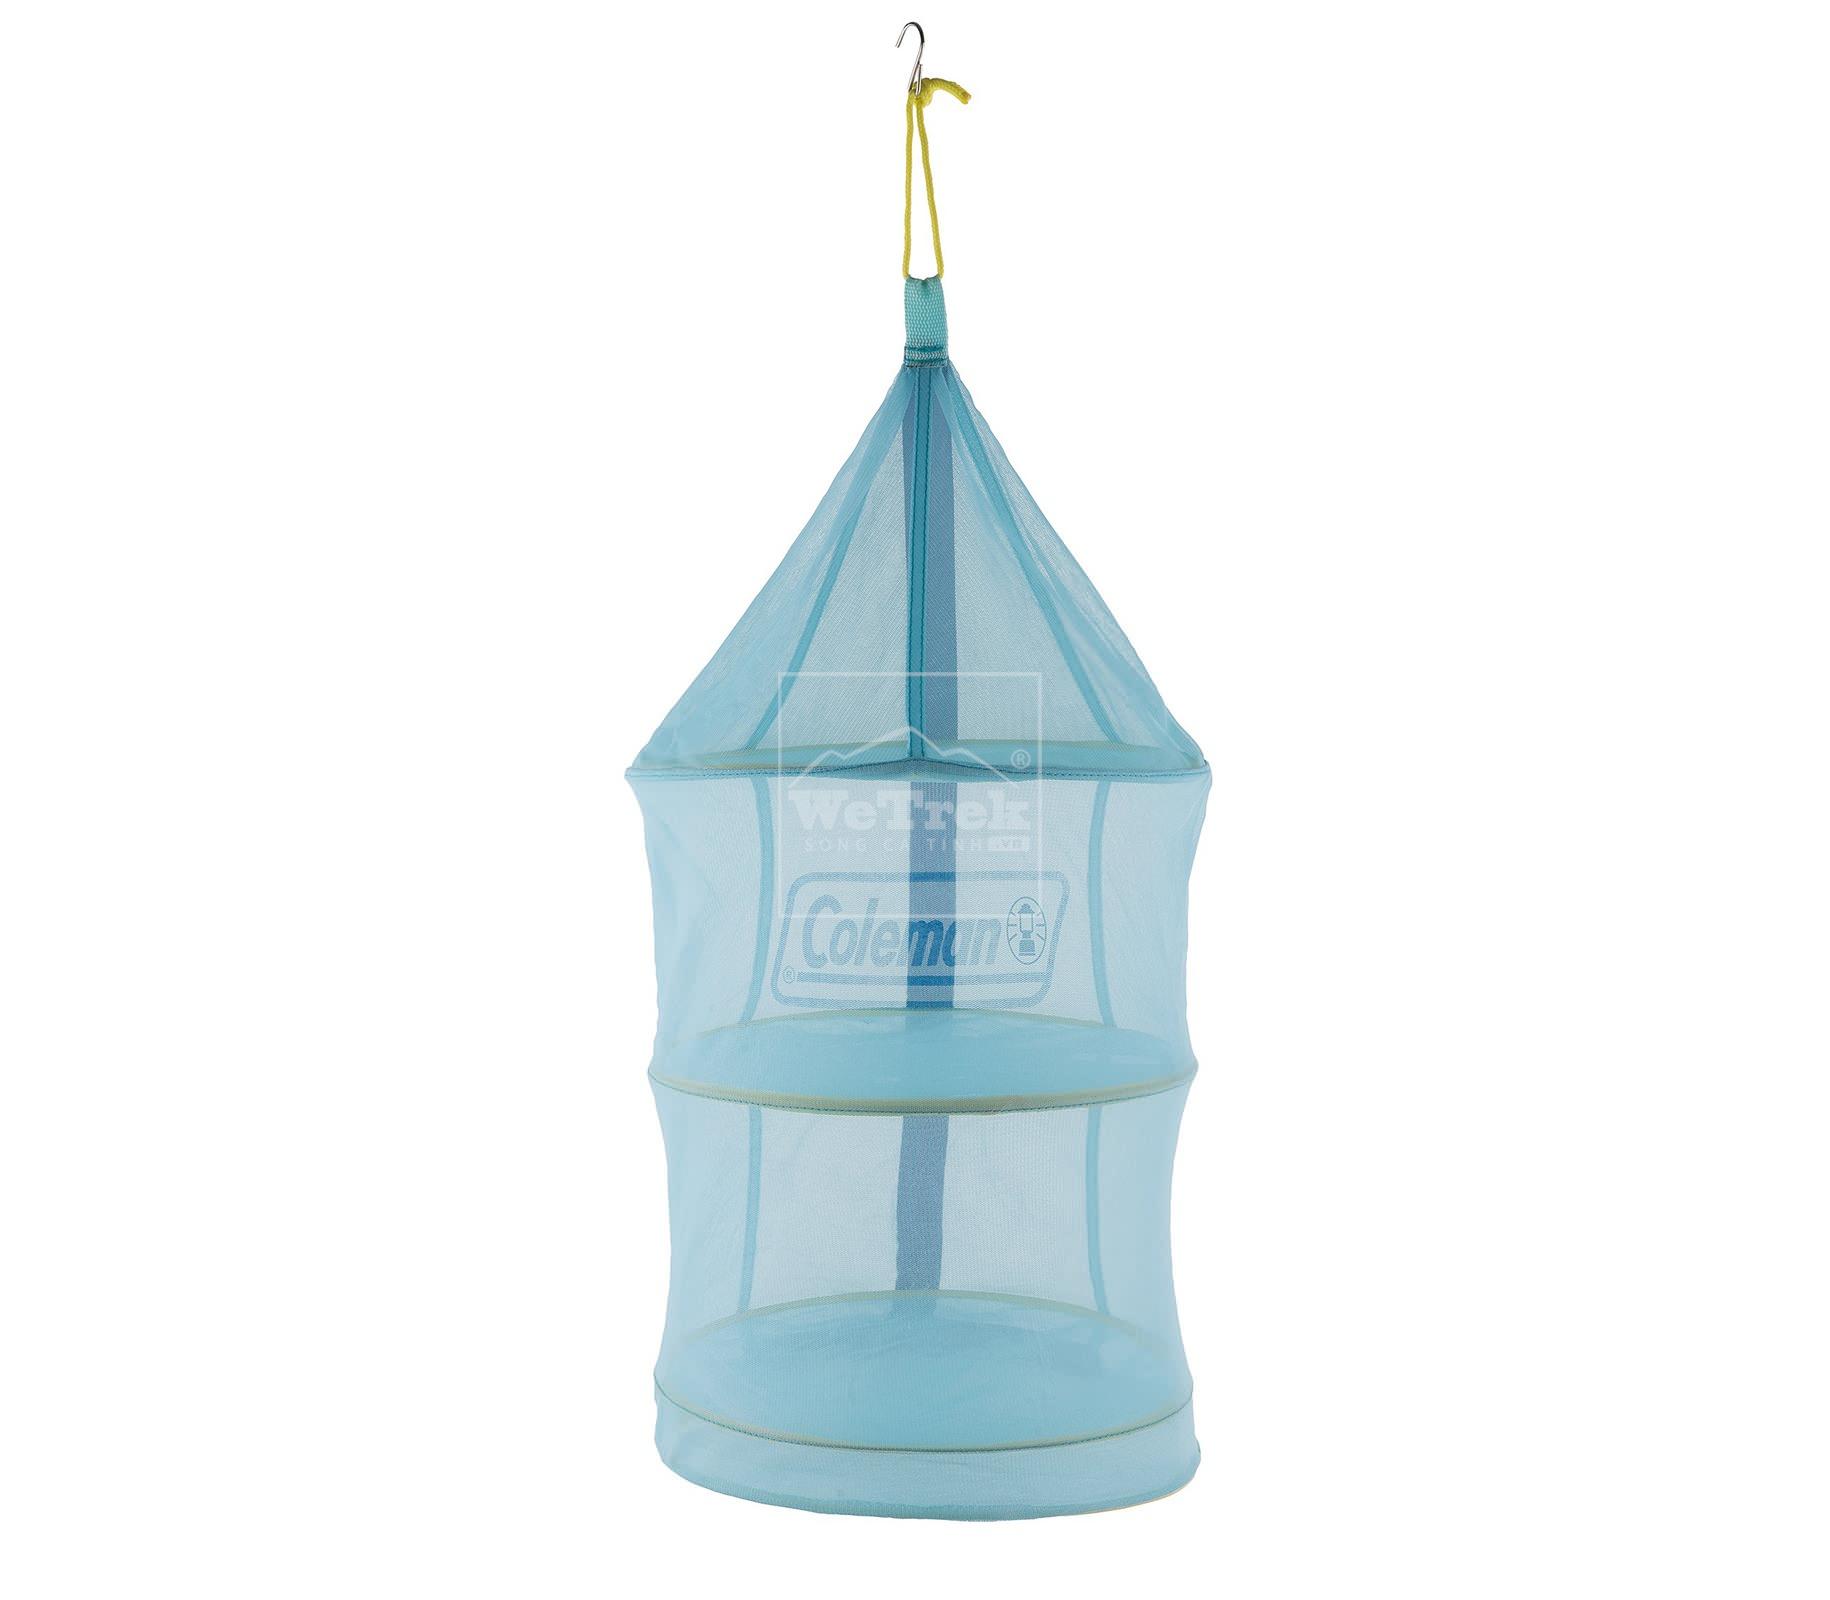 Giá treo đồ Coleman Hanging Dry Net II Blue 2000026812 - 7481